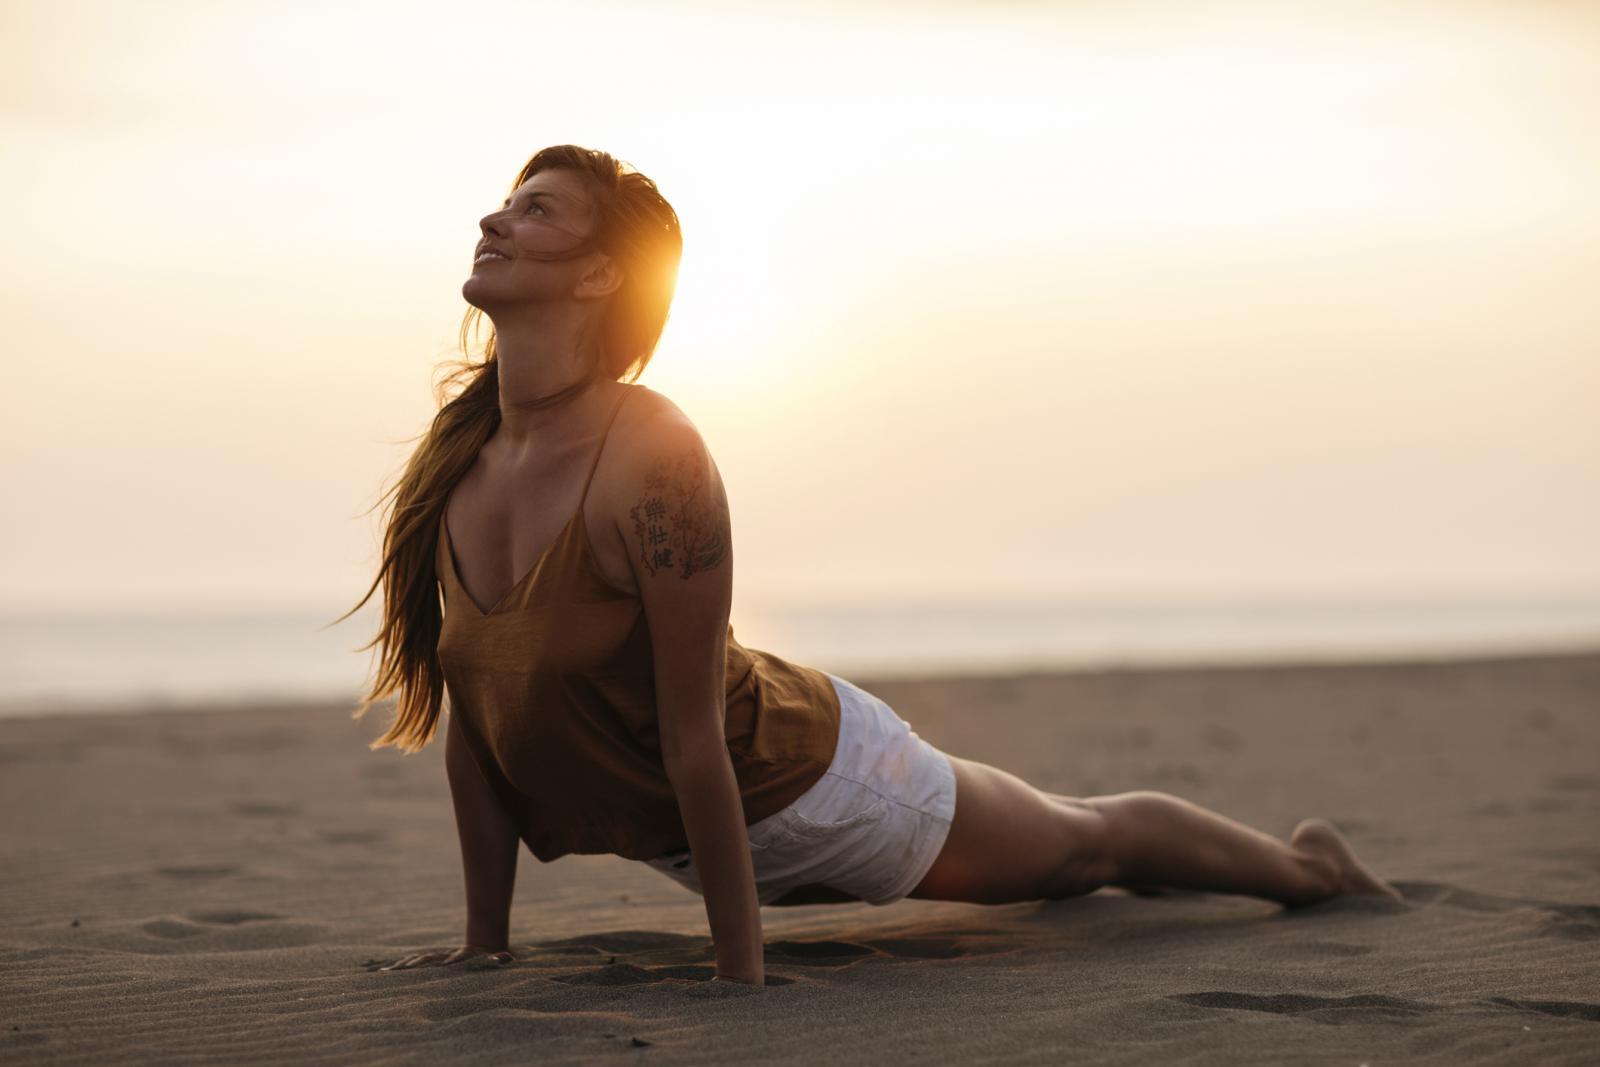 Općepoznato je da je joga odličan način da se oslobodite stresa i napetosti, povećate nivo energije, riješite se viška kilograma...